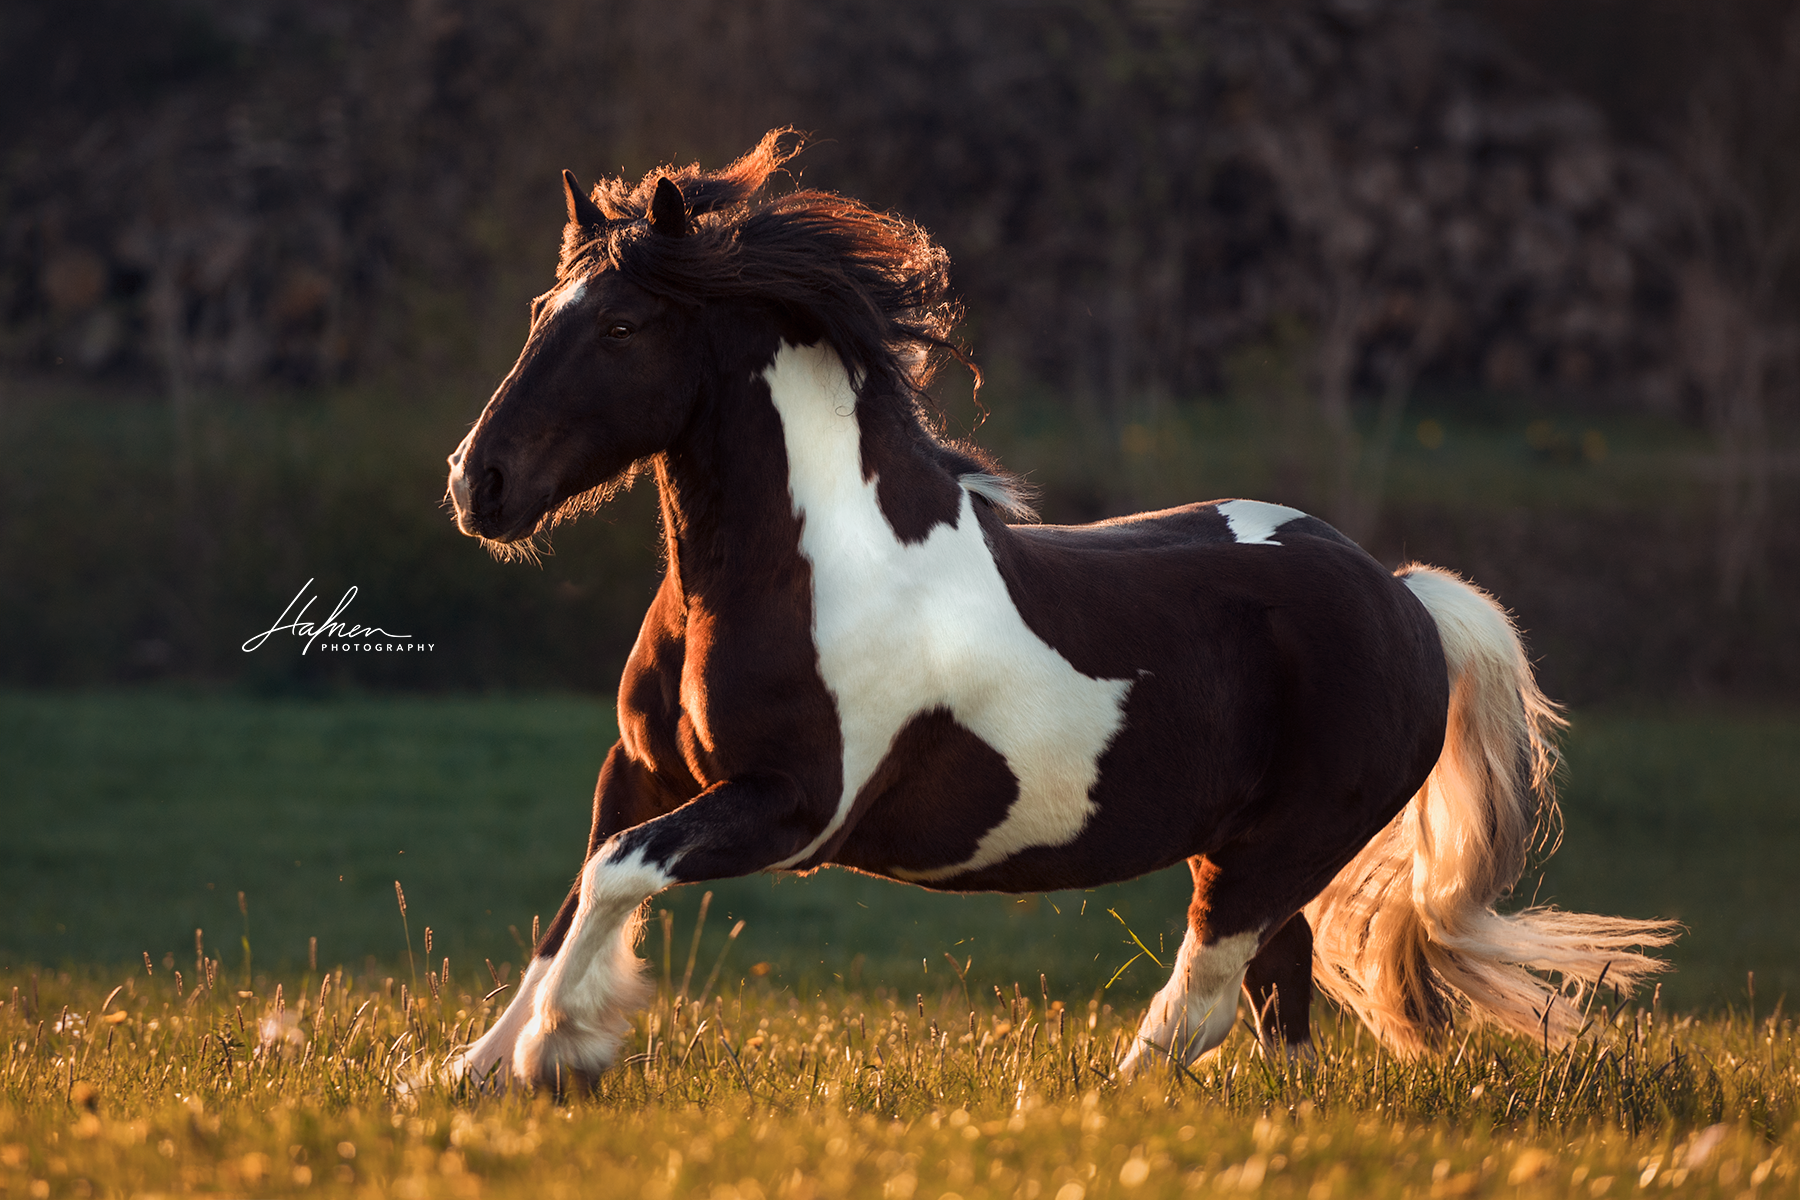 Irish Cop Galoppiert Im Sonnenuntergang Uber Wiese Tinker Schecke Wallach Pferd Bilder Foto Fotog Pferde Fotografie Pferdefotografie Pferdefotos